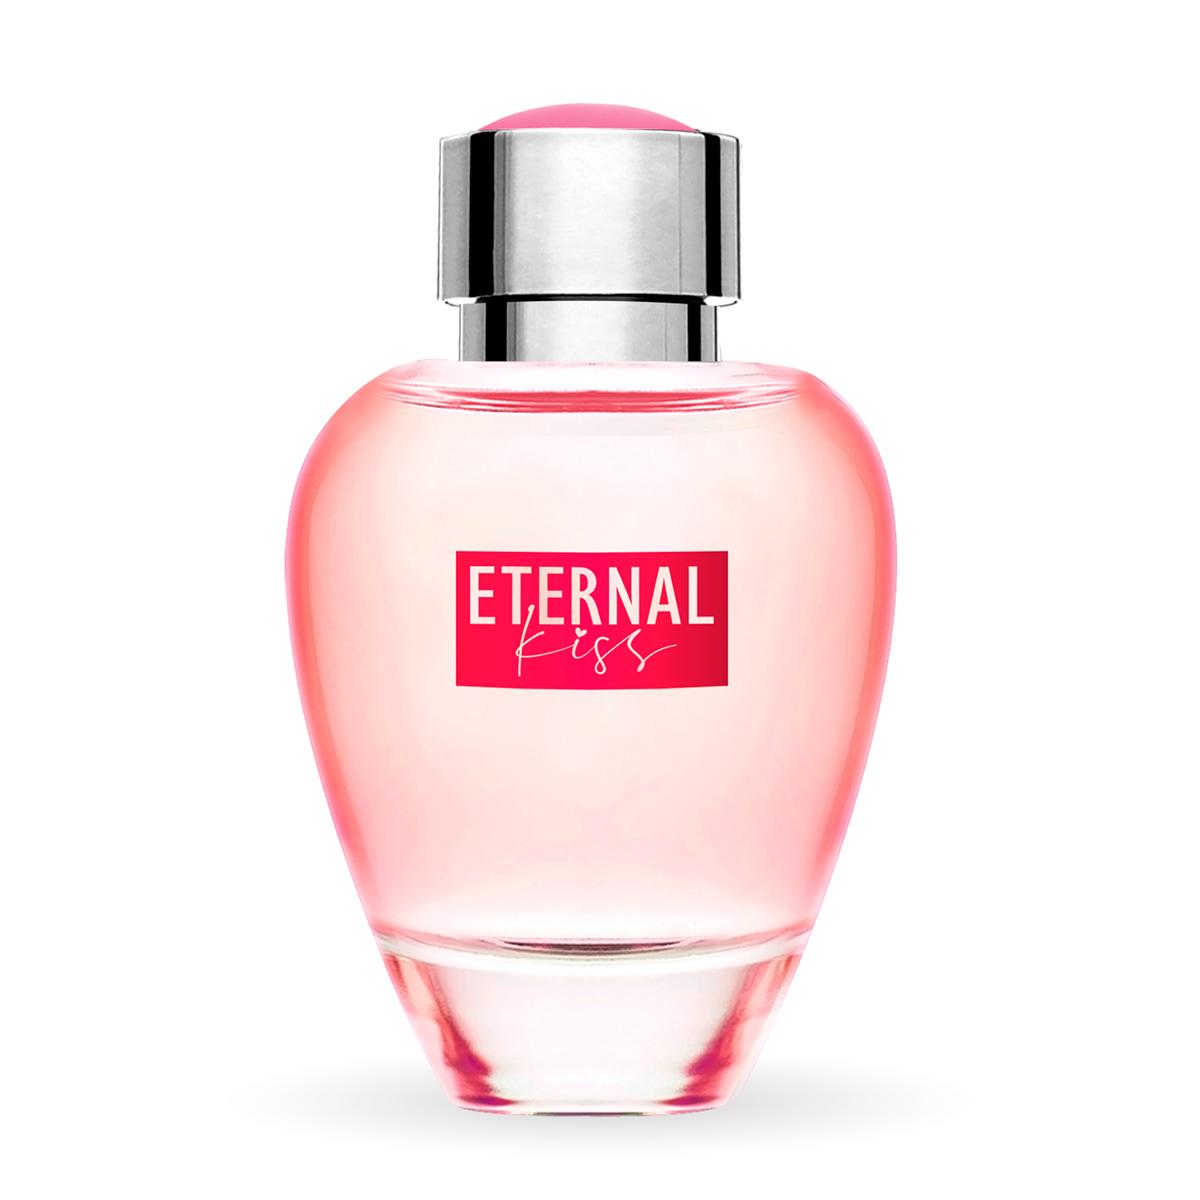 Perfume Eternal Kiss Feminino Edp 90ml La Rive